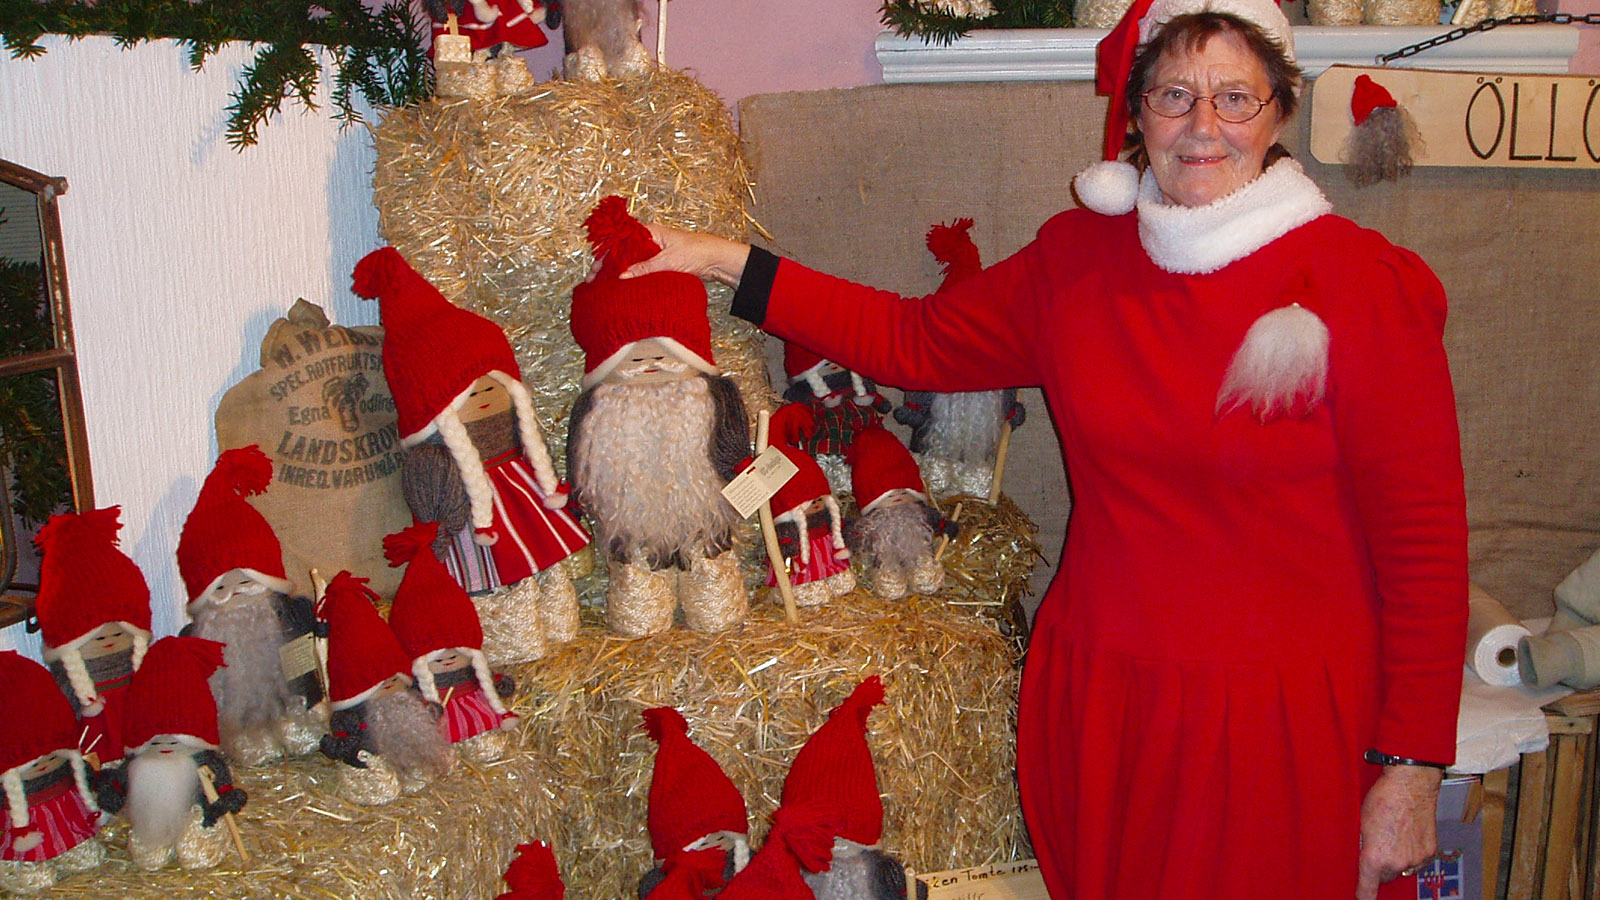 Juletid: Auch die Schweden lieben ihre Weihnachtswichtel! Foto: Hilke Maunder